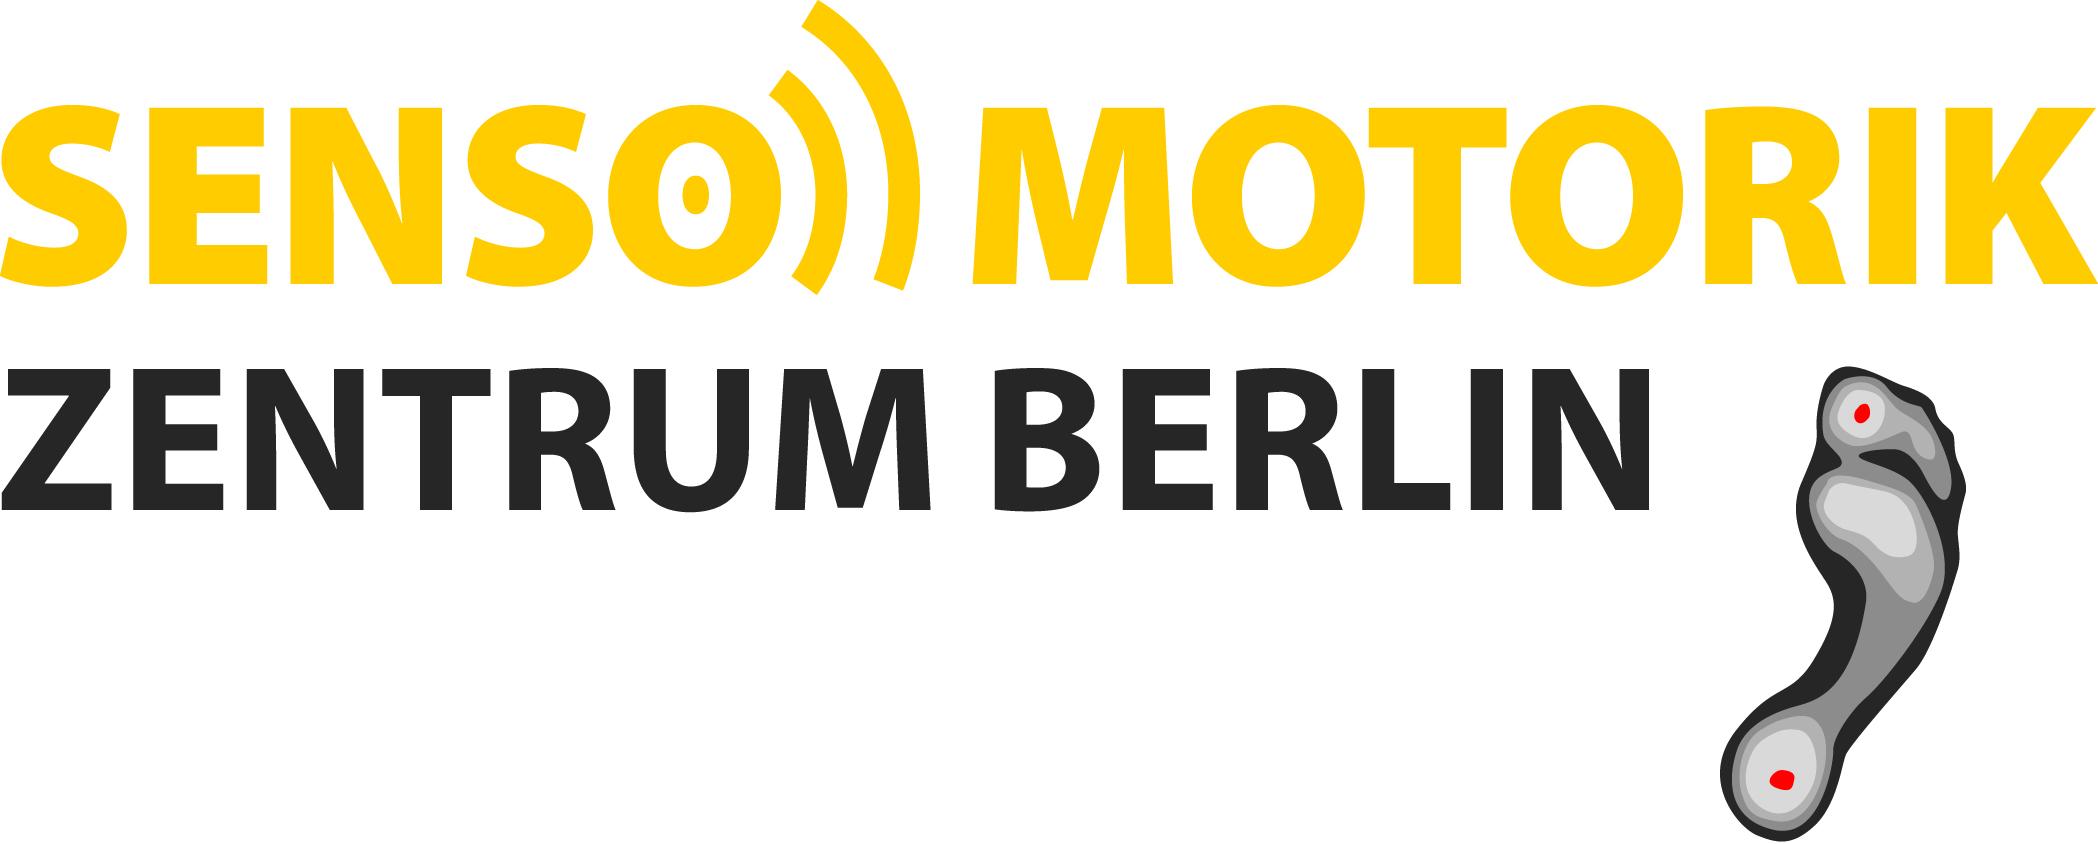 Sensomotorik Zentrum Berlin